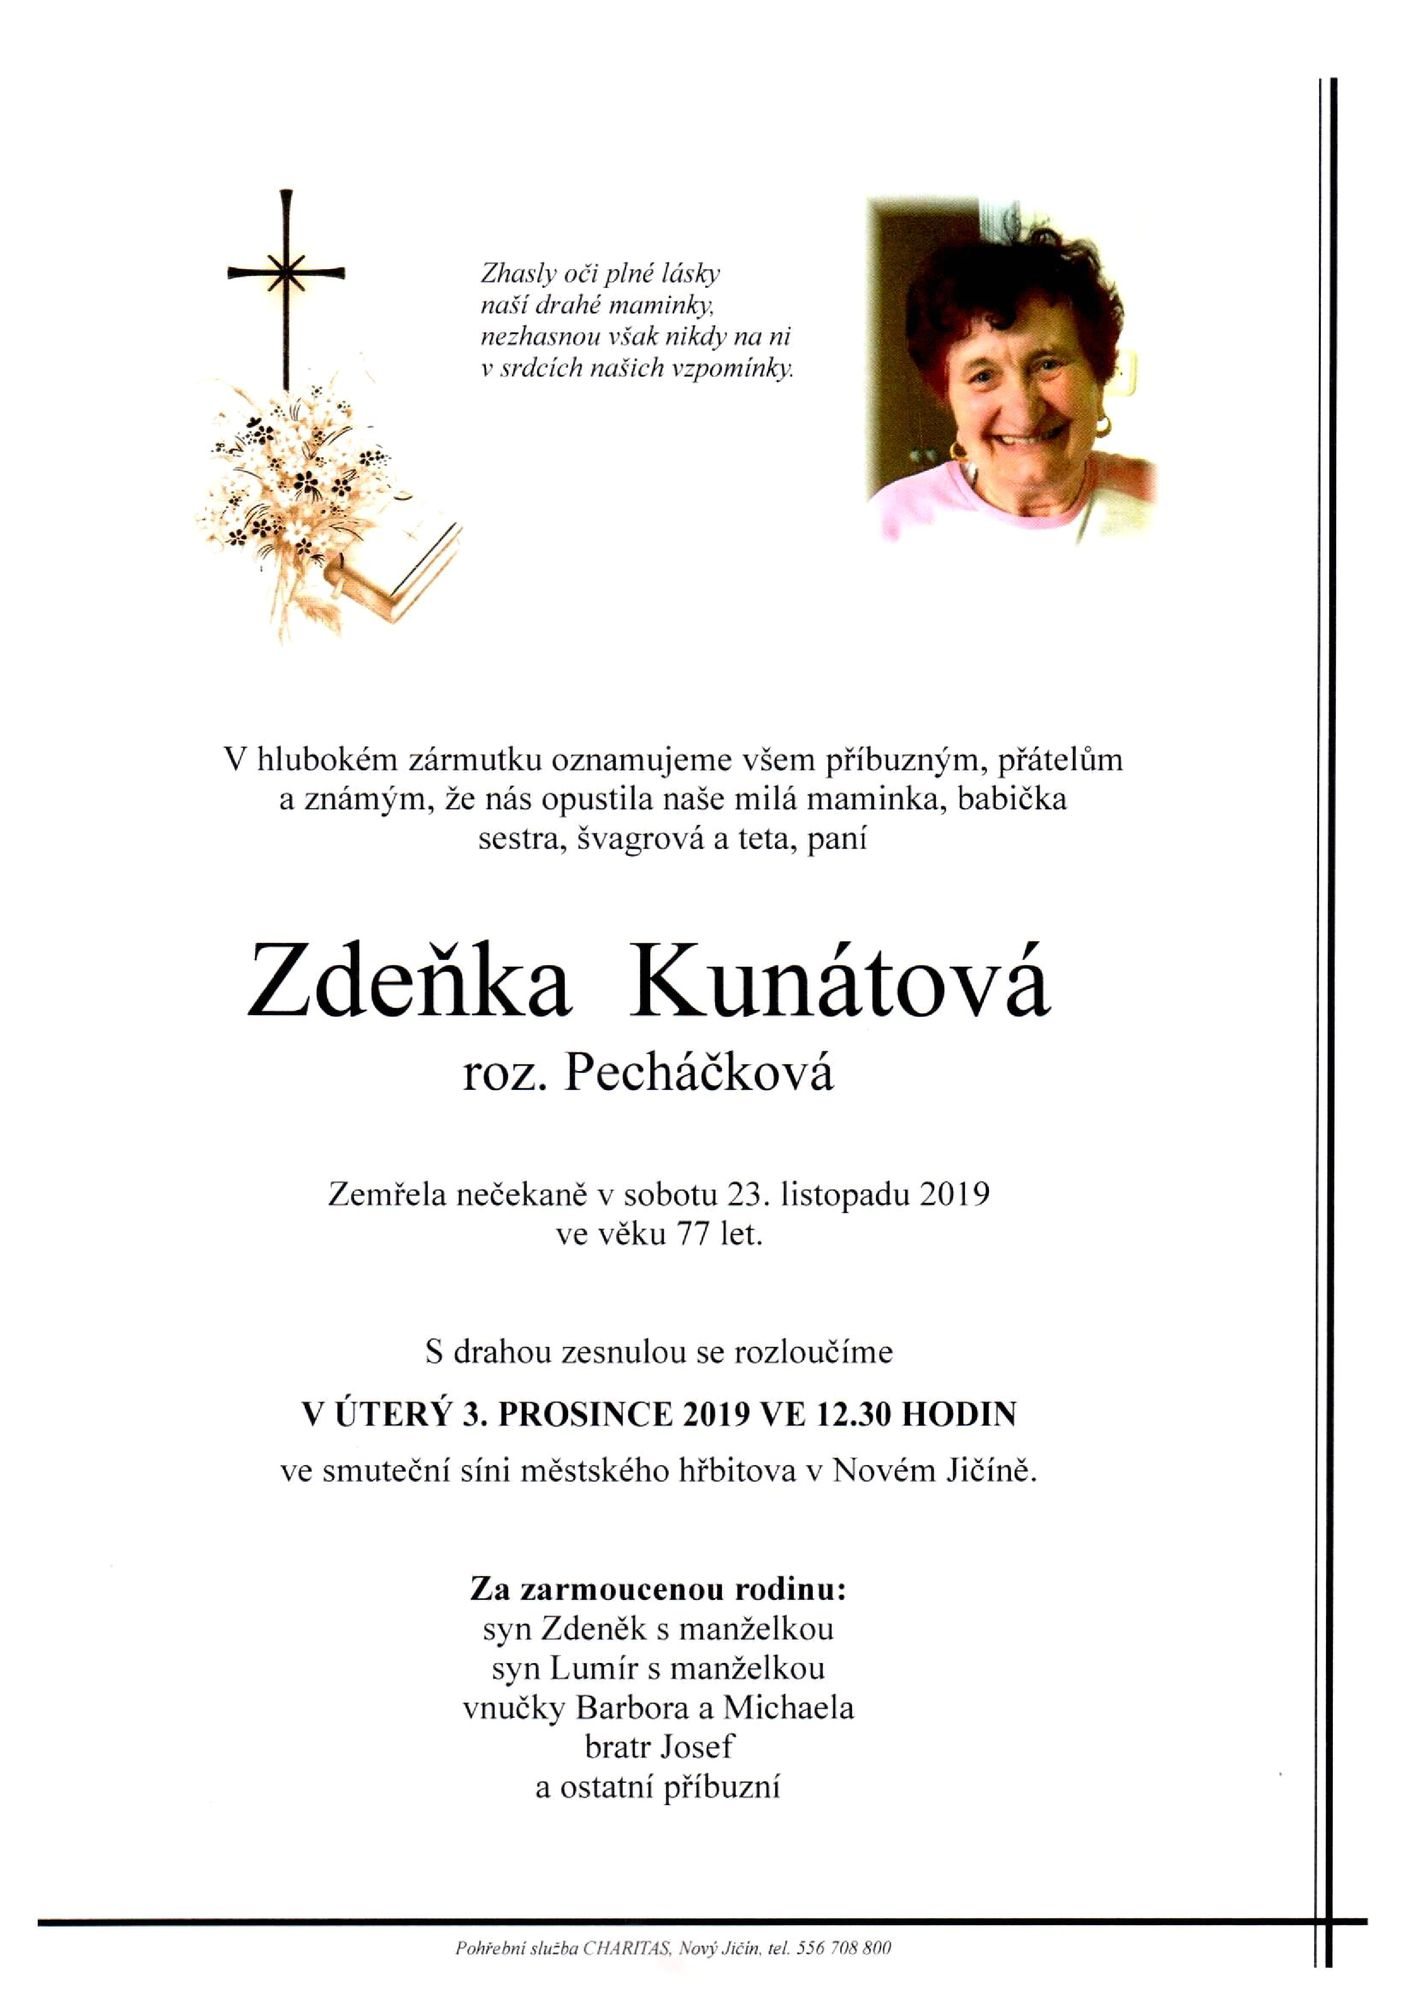 Zdeňka Kunátová